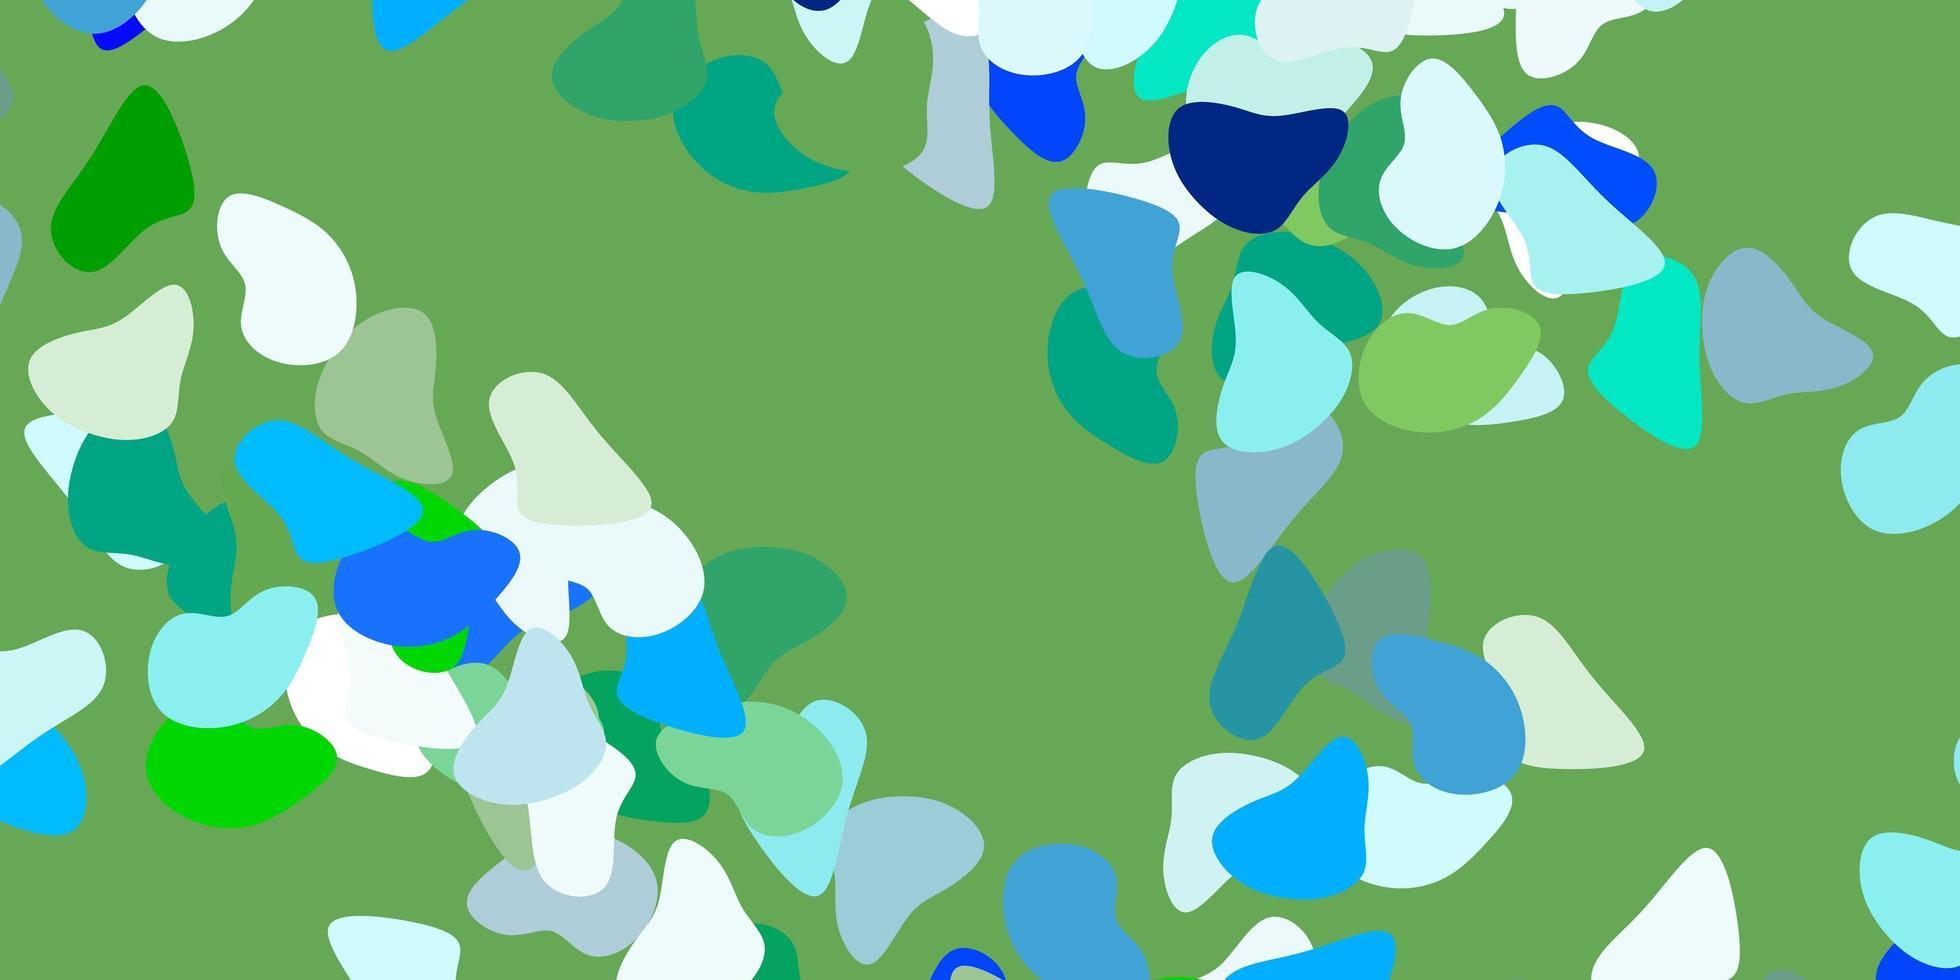 texture de vecteur bleu et vert avec des formes.